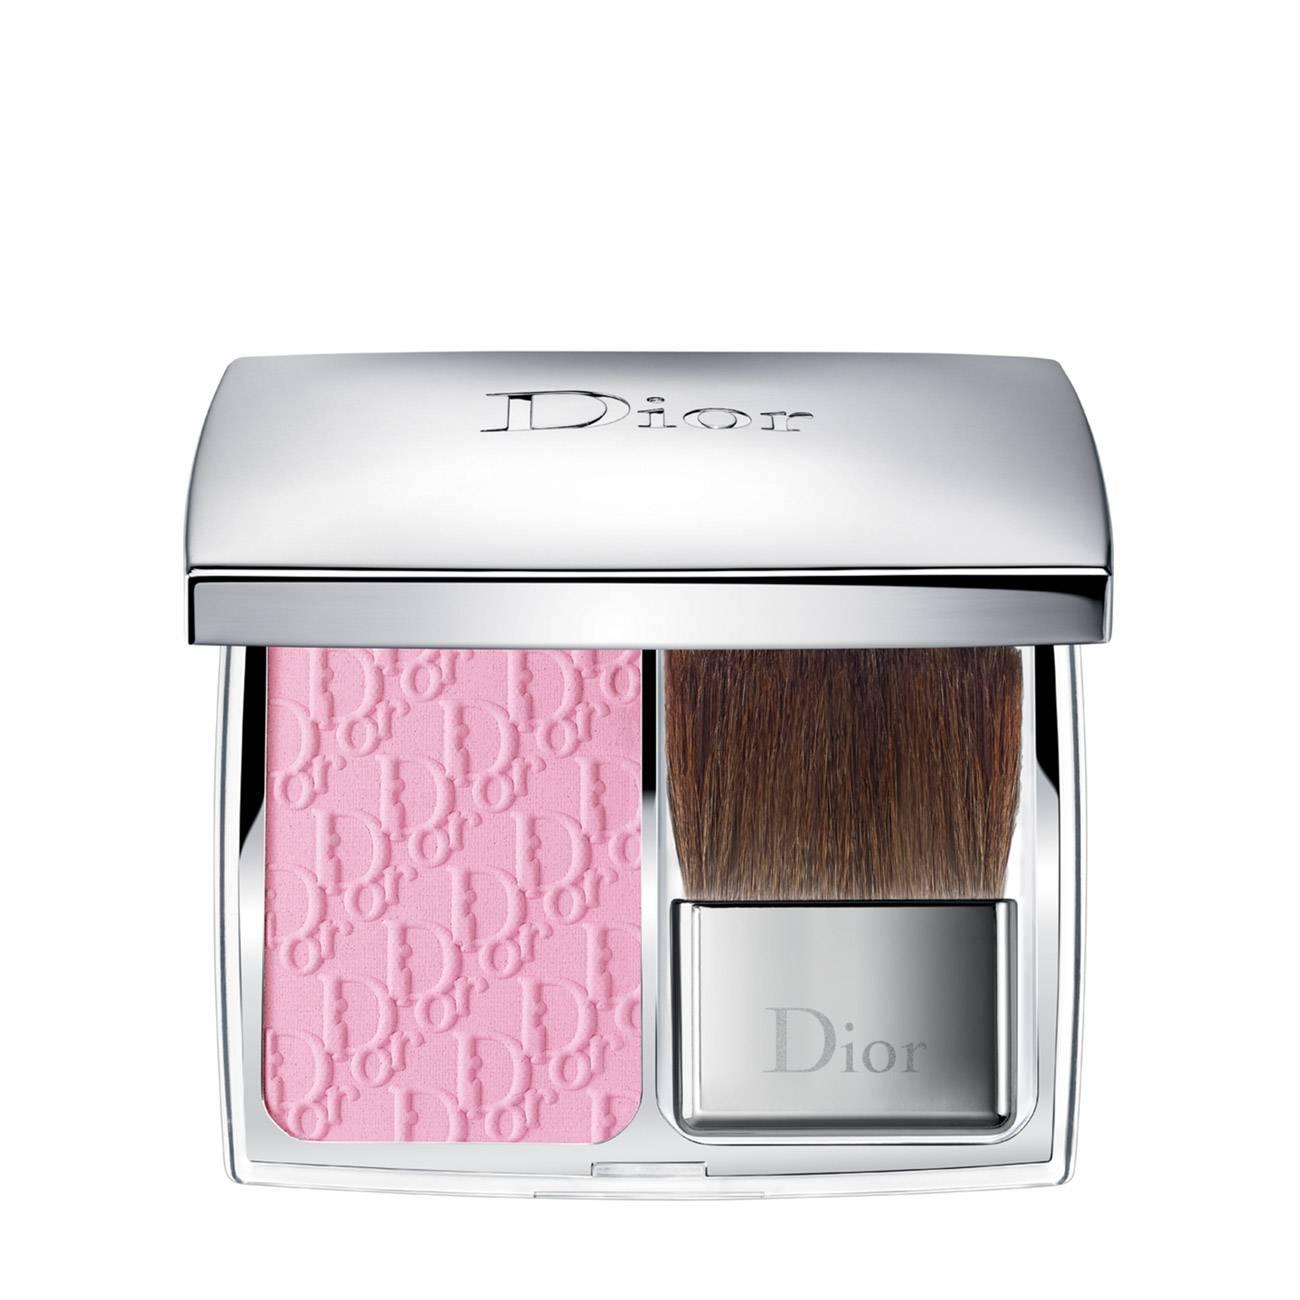 Diorskin Rosy Glow 7.5 Grame Dior imagine 2021 bestvalue.eu